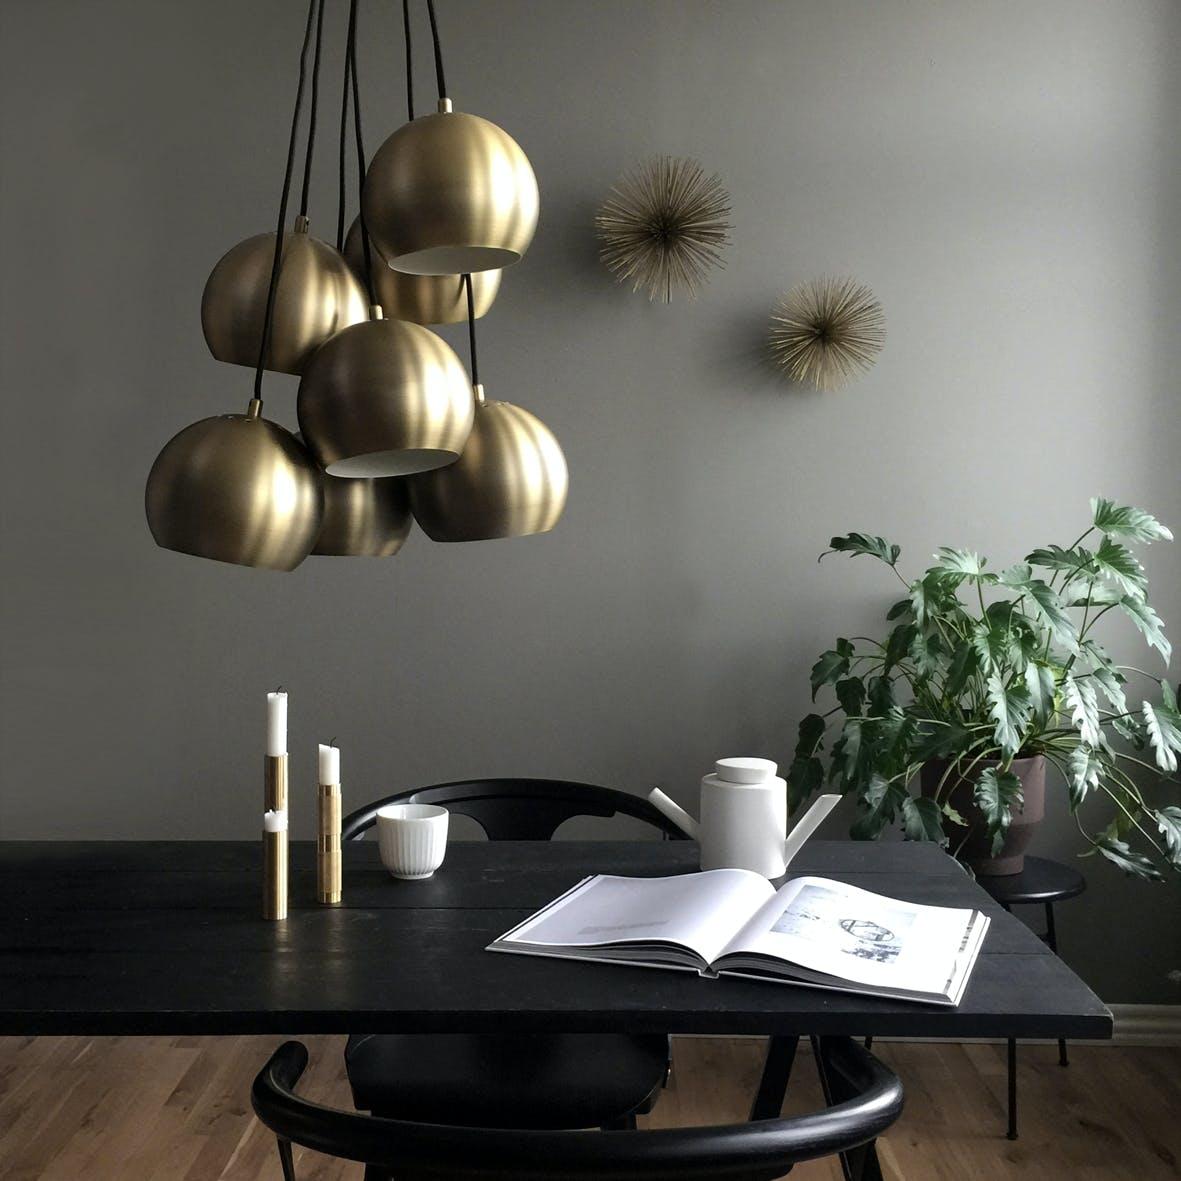 Siden lampen blev lanceret, er der blevet tilføjet flere modeller til Ball-serien, der i dag både omfatter både bordlamper, væglamper, gulvlamper og pendler.